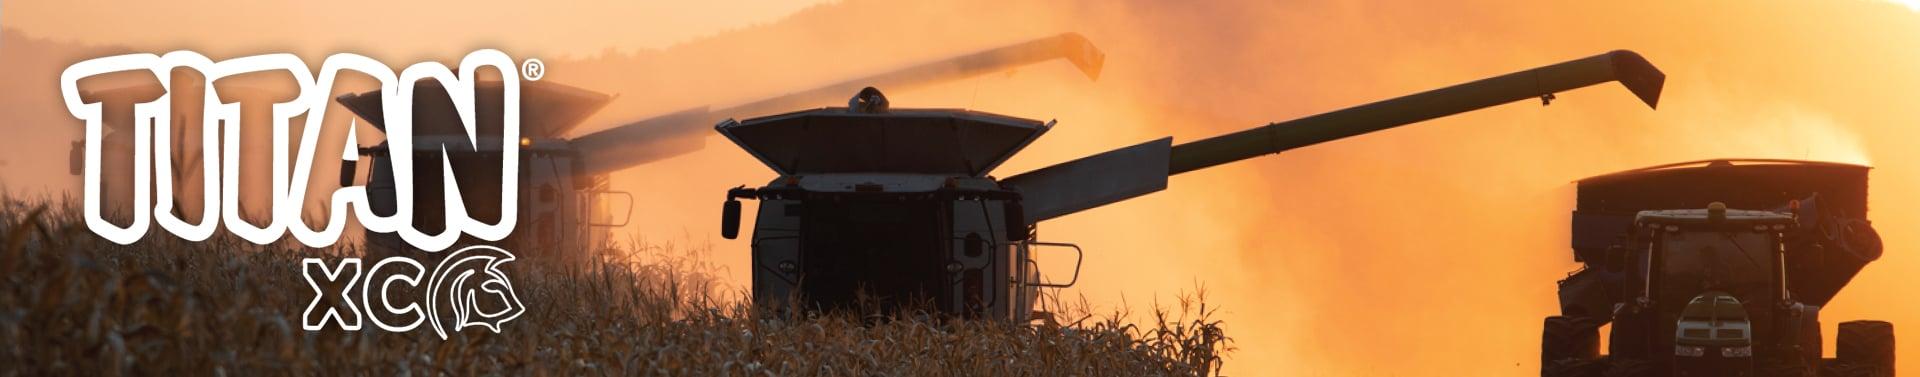 Titan-XC-hub-header-fall-harvest